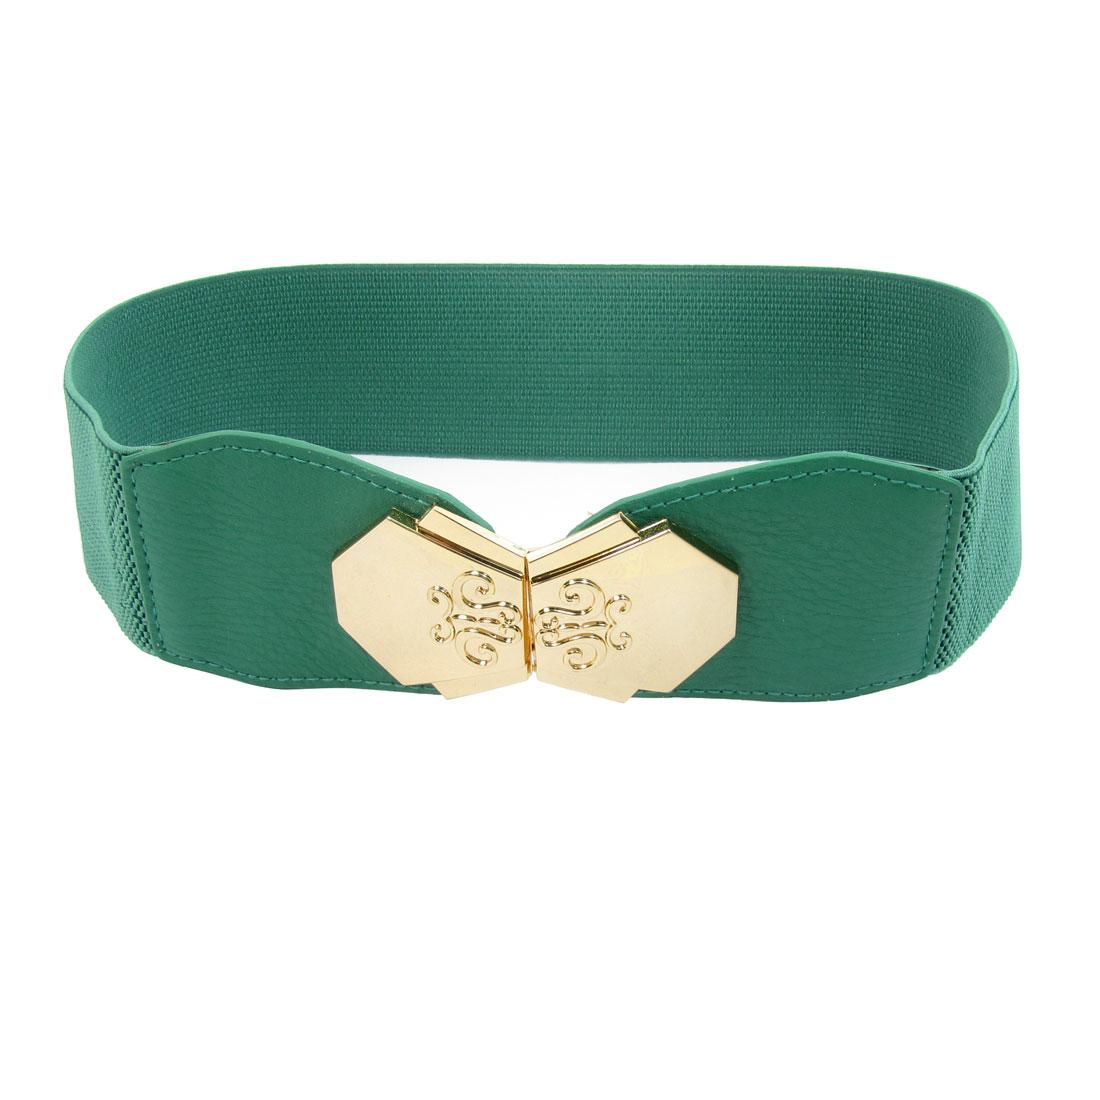 Women Green Faux Leather Front Interlock Buckle 6cm Width Stretchy Cinch Belt